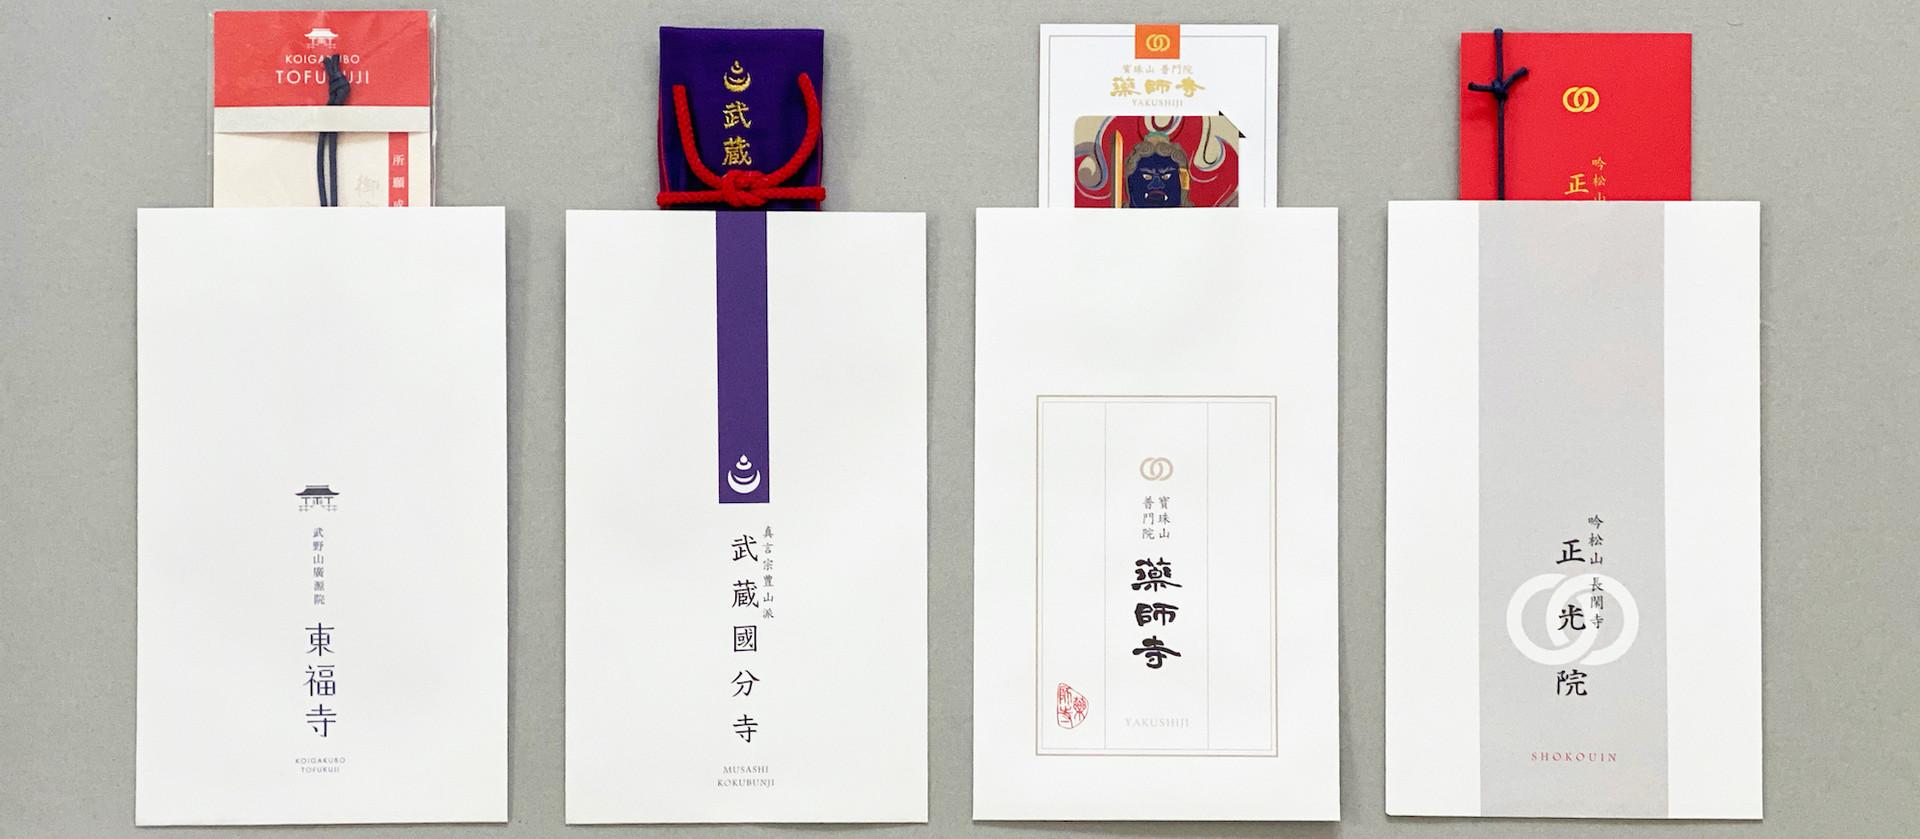 オリジナル授与袋 平袋 封筒 紙袋 デザイン 名入れ お守り袋